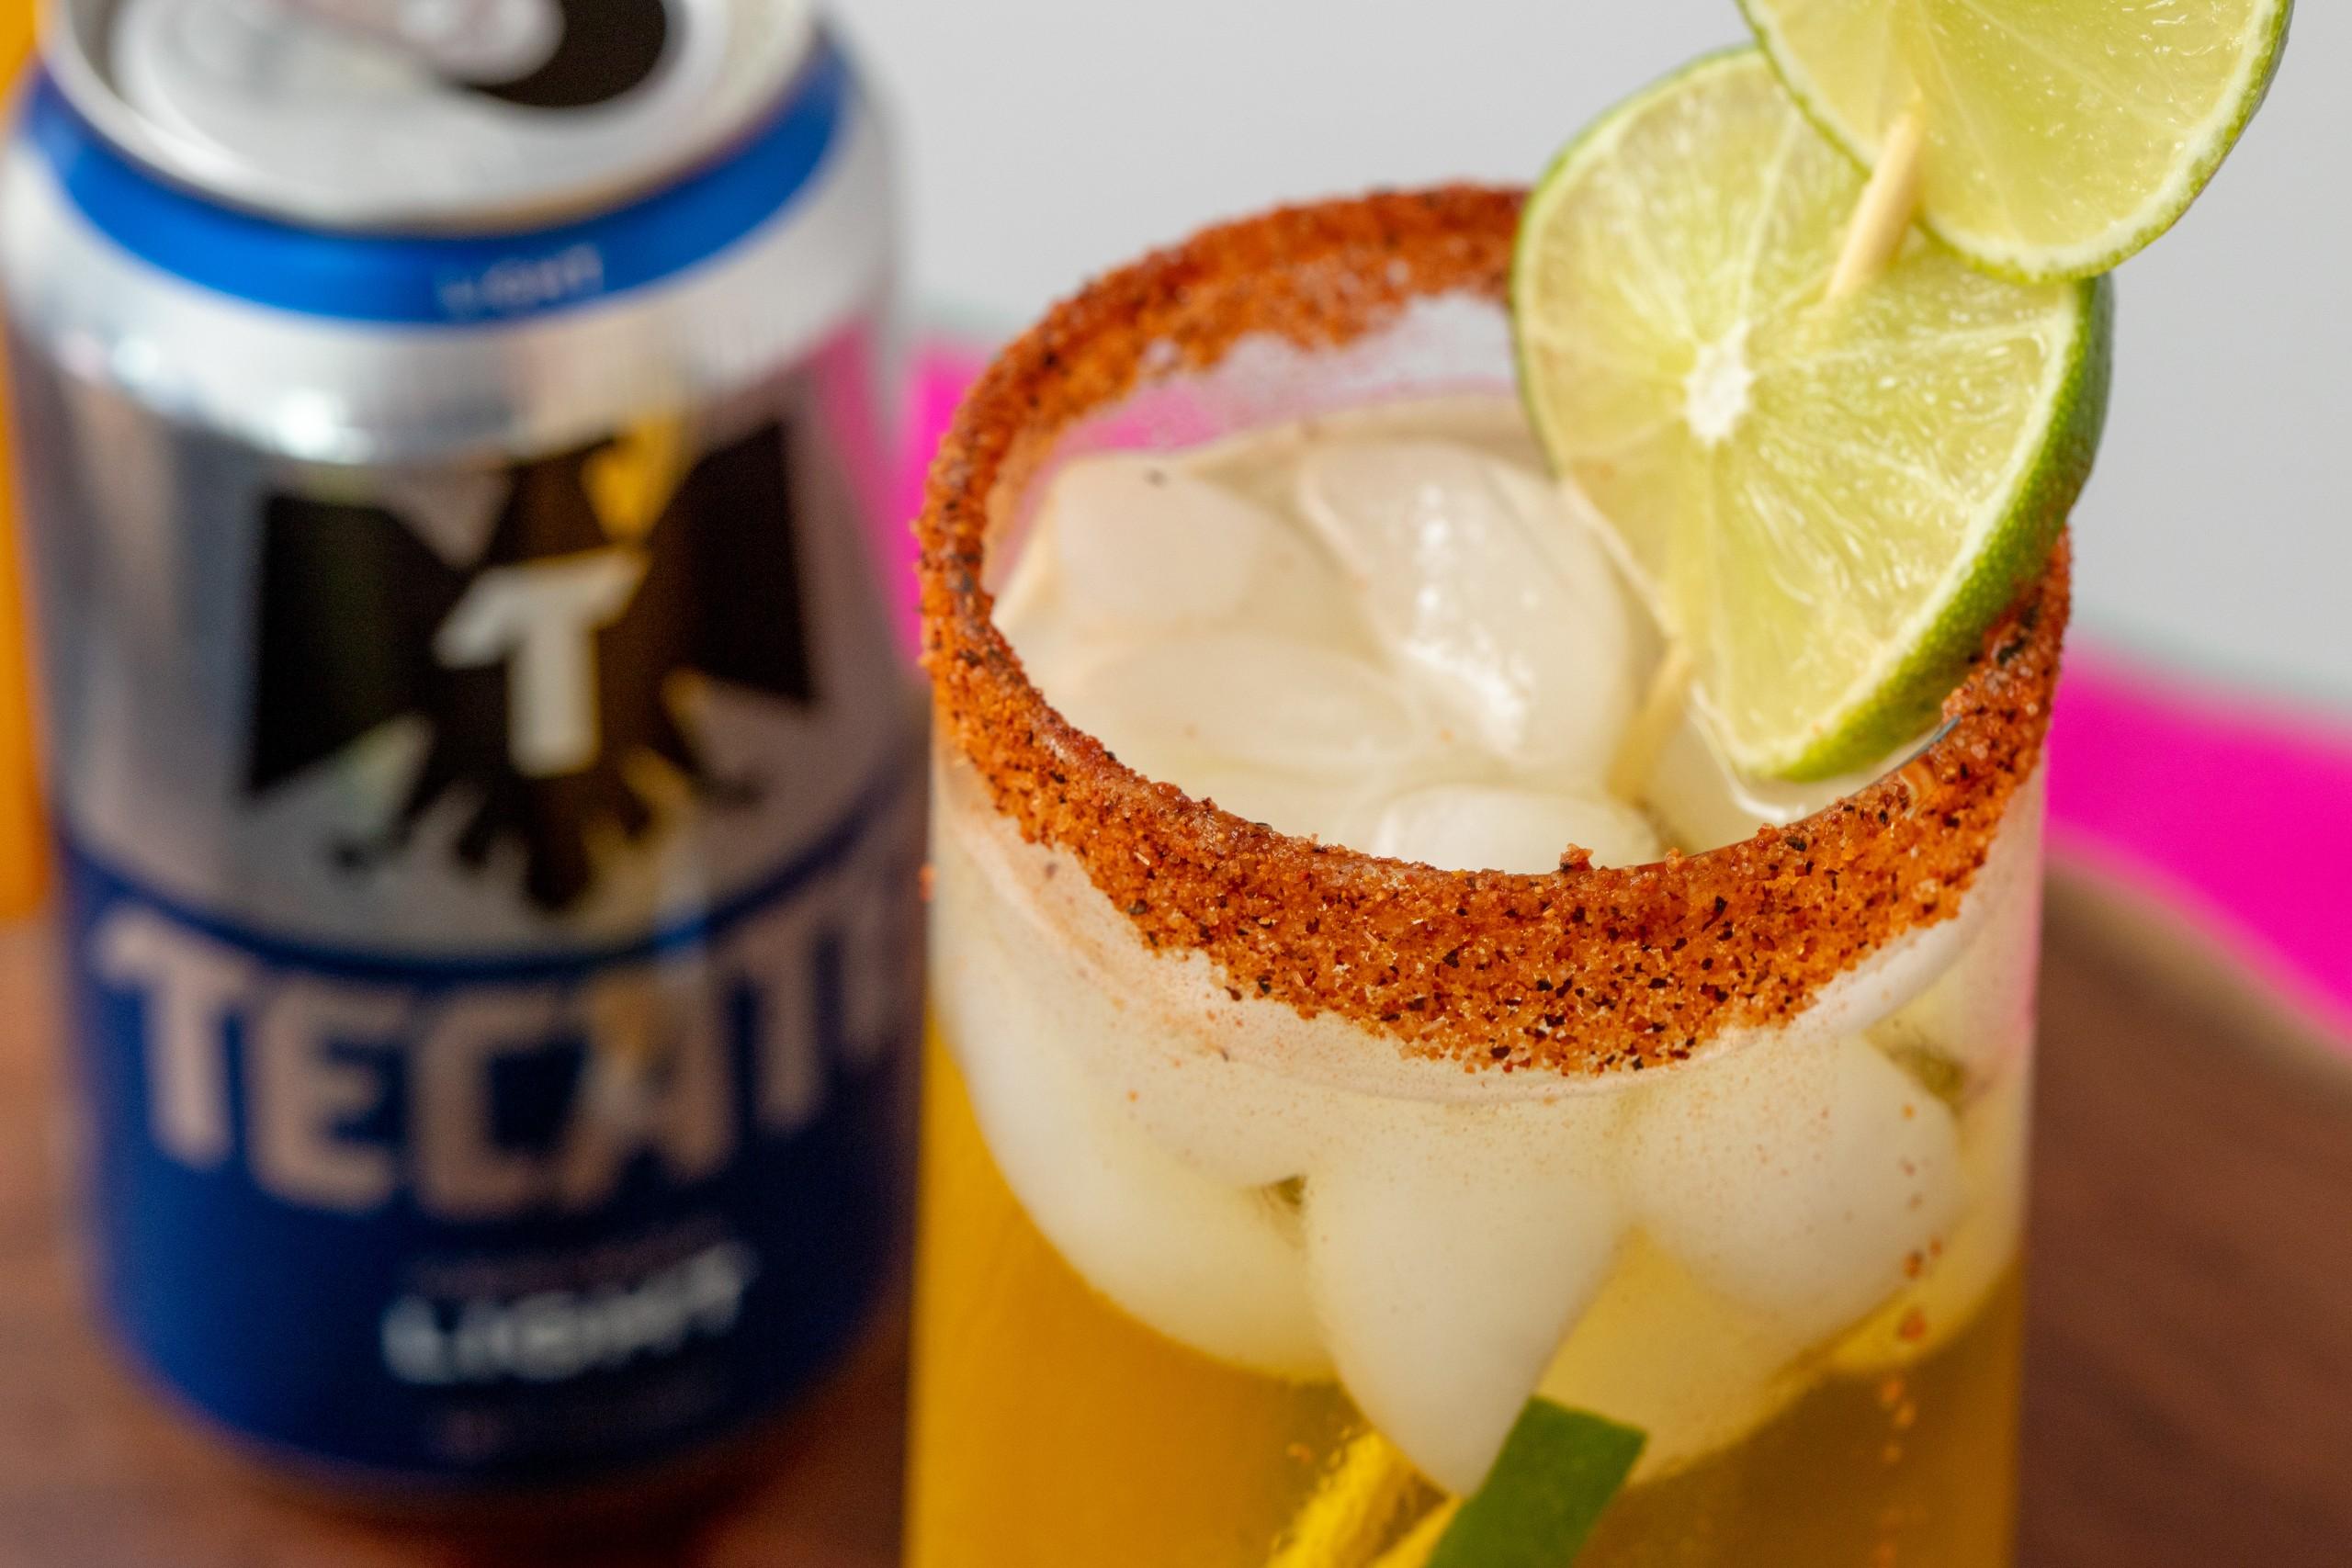 chile salt rim for a beer cocktail